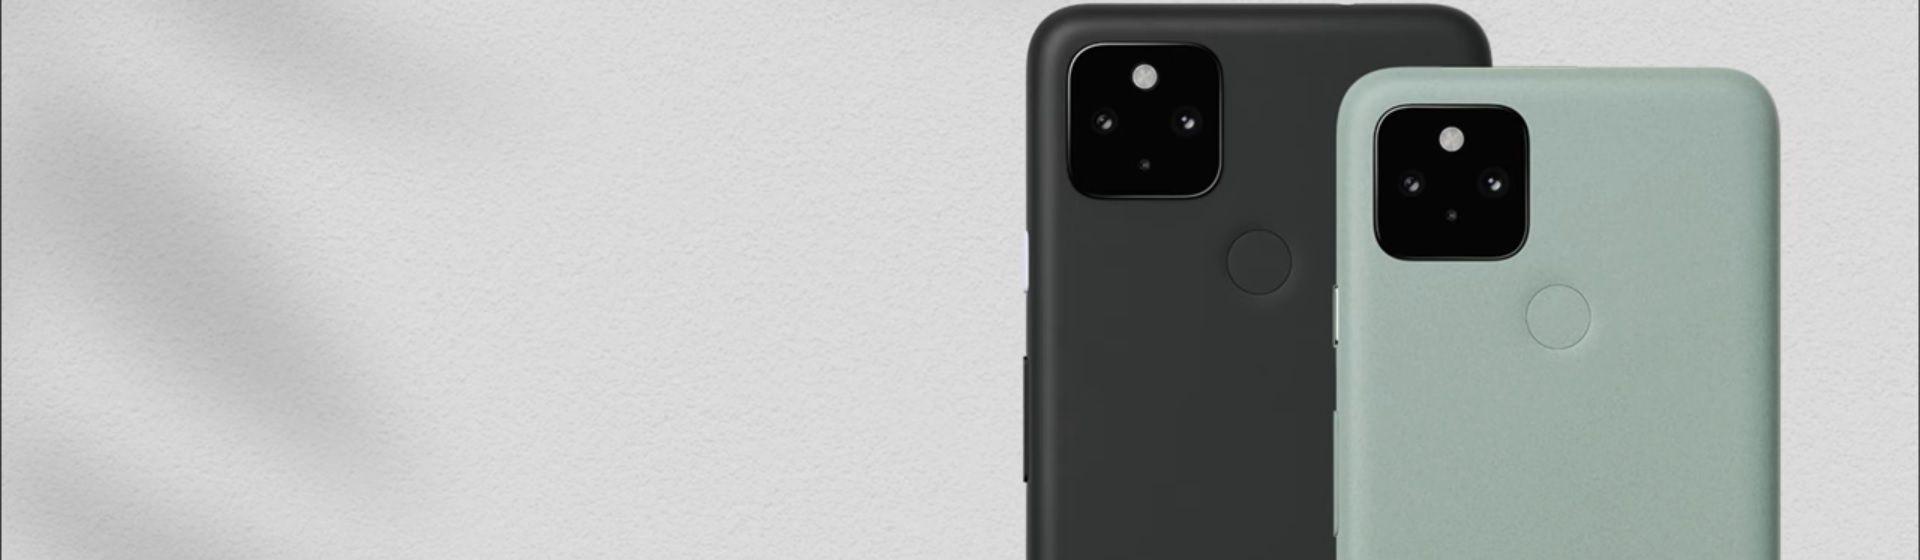 Google anuncia Pixel 4a 5G e Pixel 5